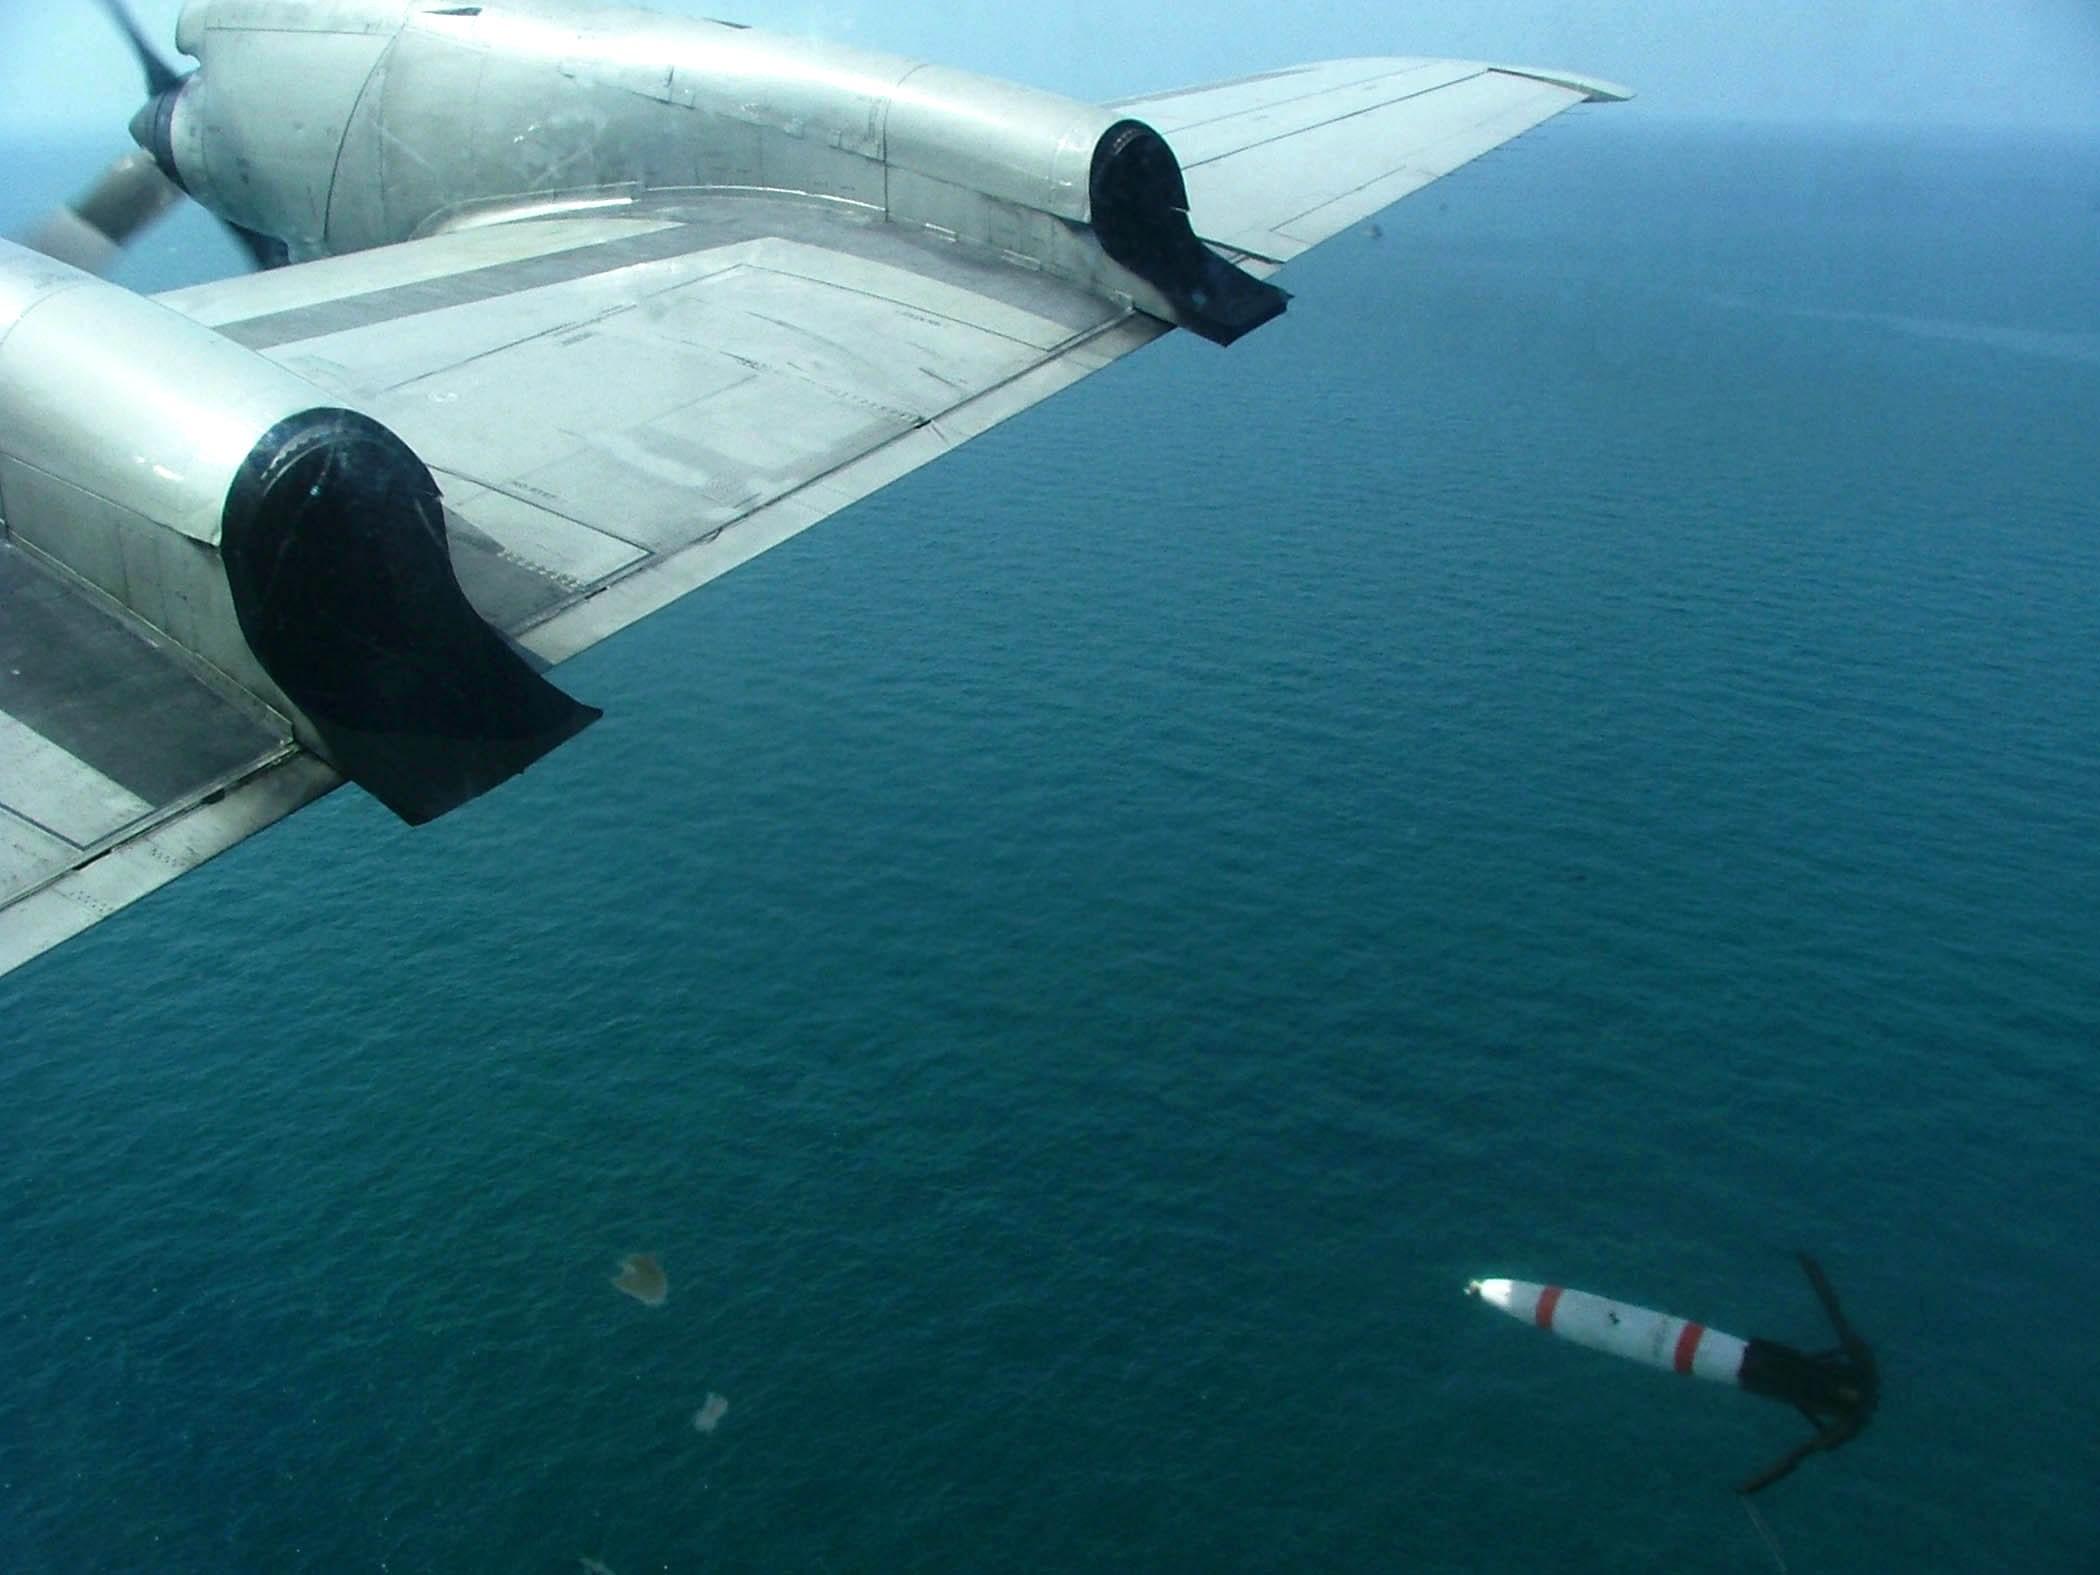 Американские авиационные морские мины высокоточной постановки